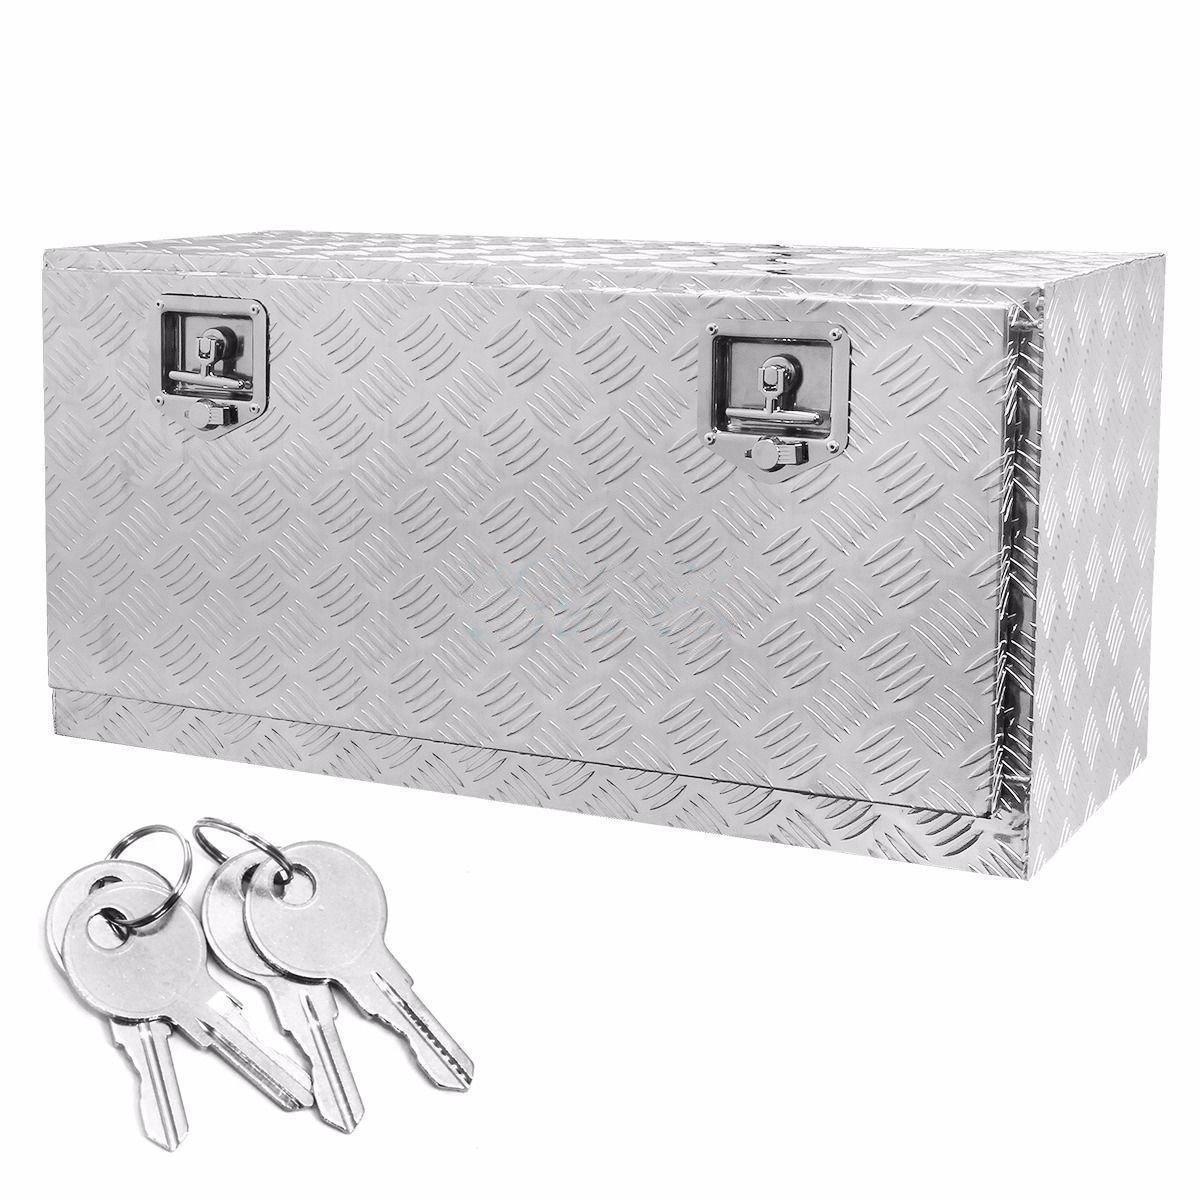 36''x 18''x 15.75'' Aluminum Tool Box,fTruck Pickup RV ATV Trailer Storage ToolBox w/Lock